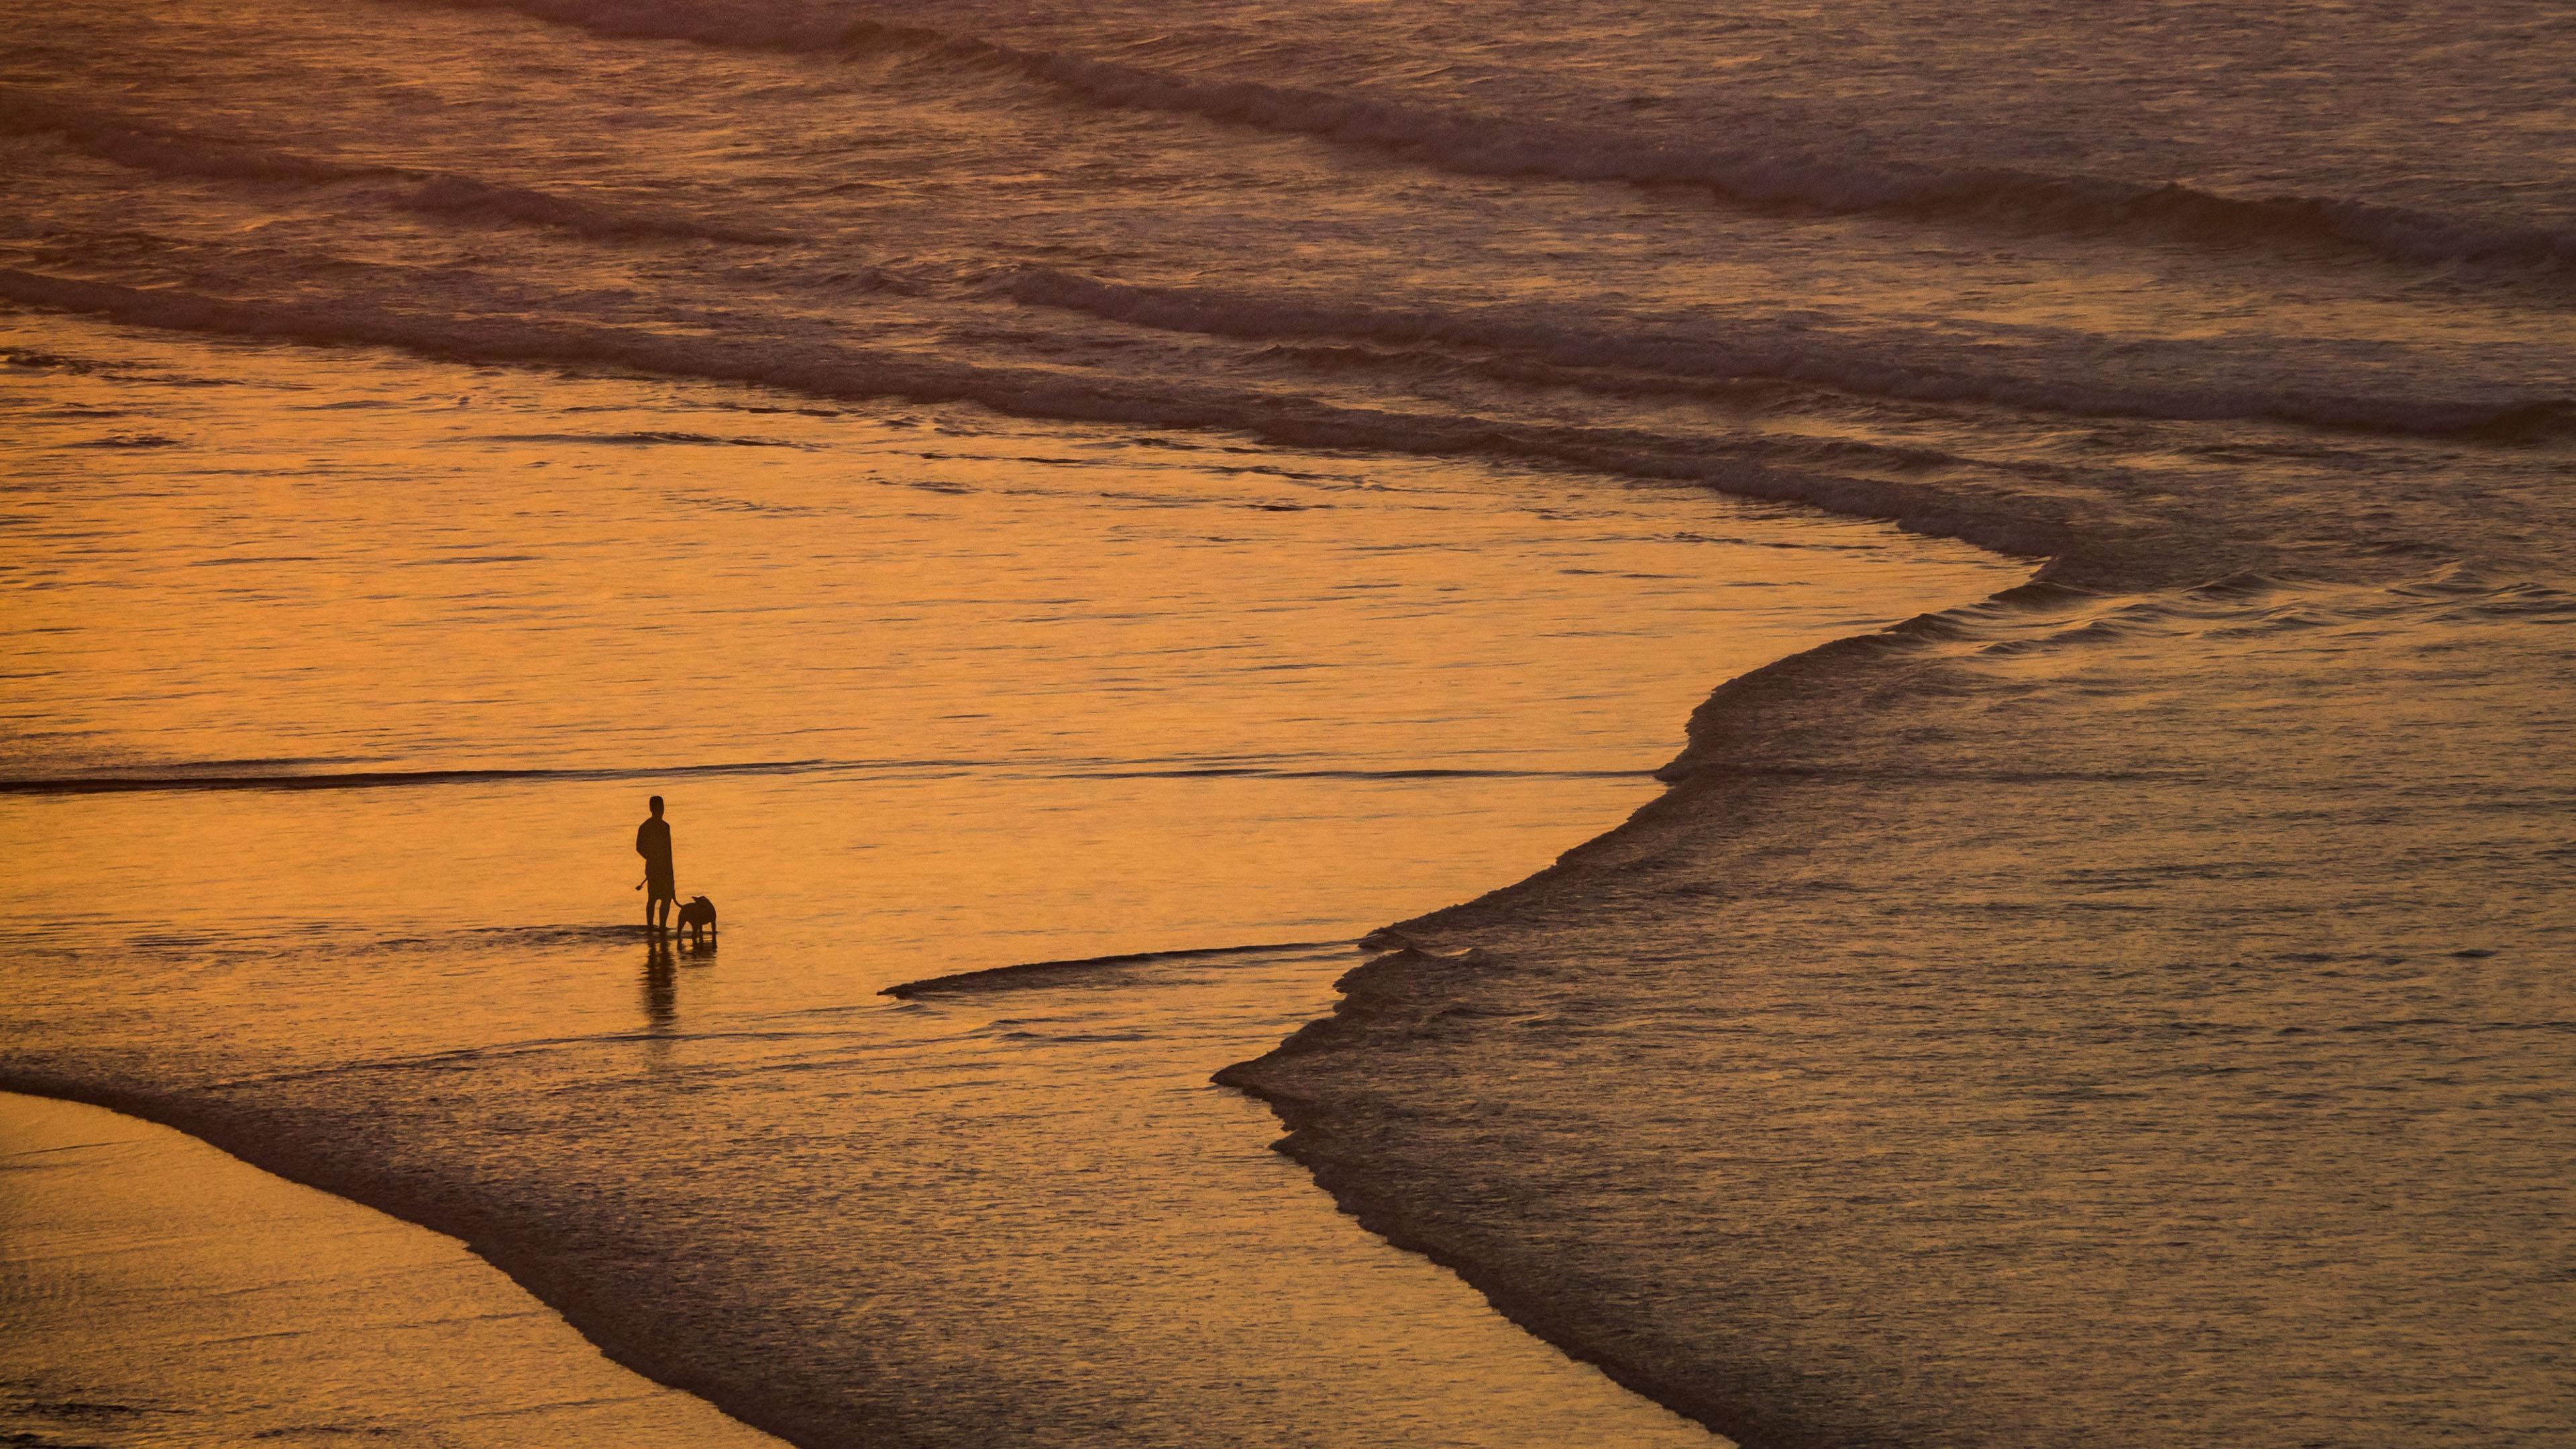 炫酷时尚,黄昏海滩,人与狗,海浪